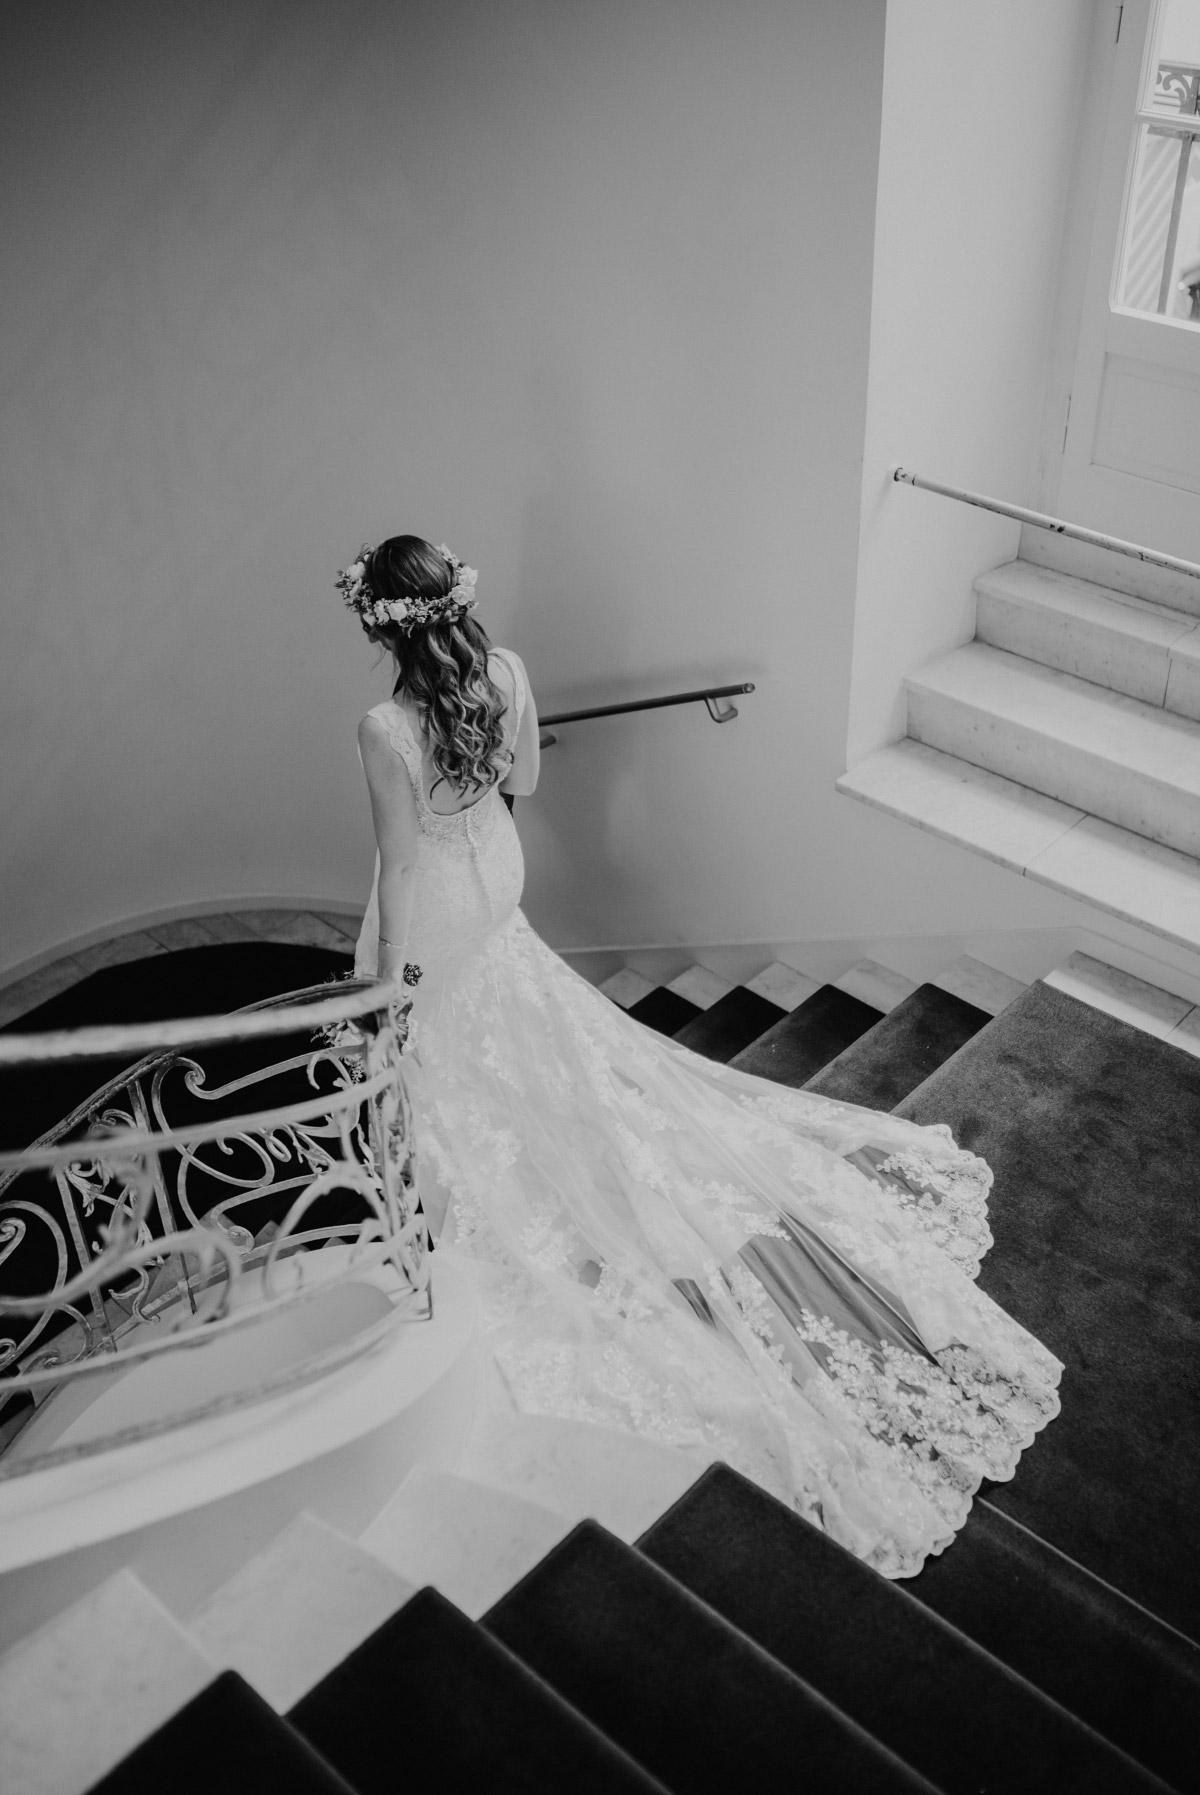 Braut mit langer Spitzenschleppe - Spreespeicher Berlin Friedrichshain Hochzeitsfotograf © www.hochzeitslicht.de